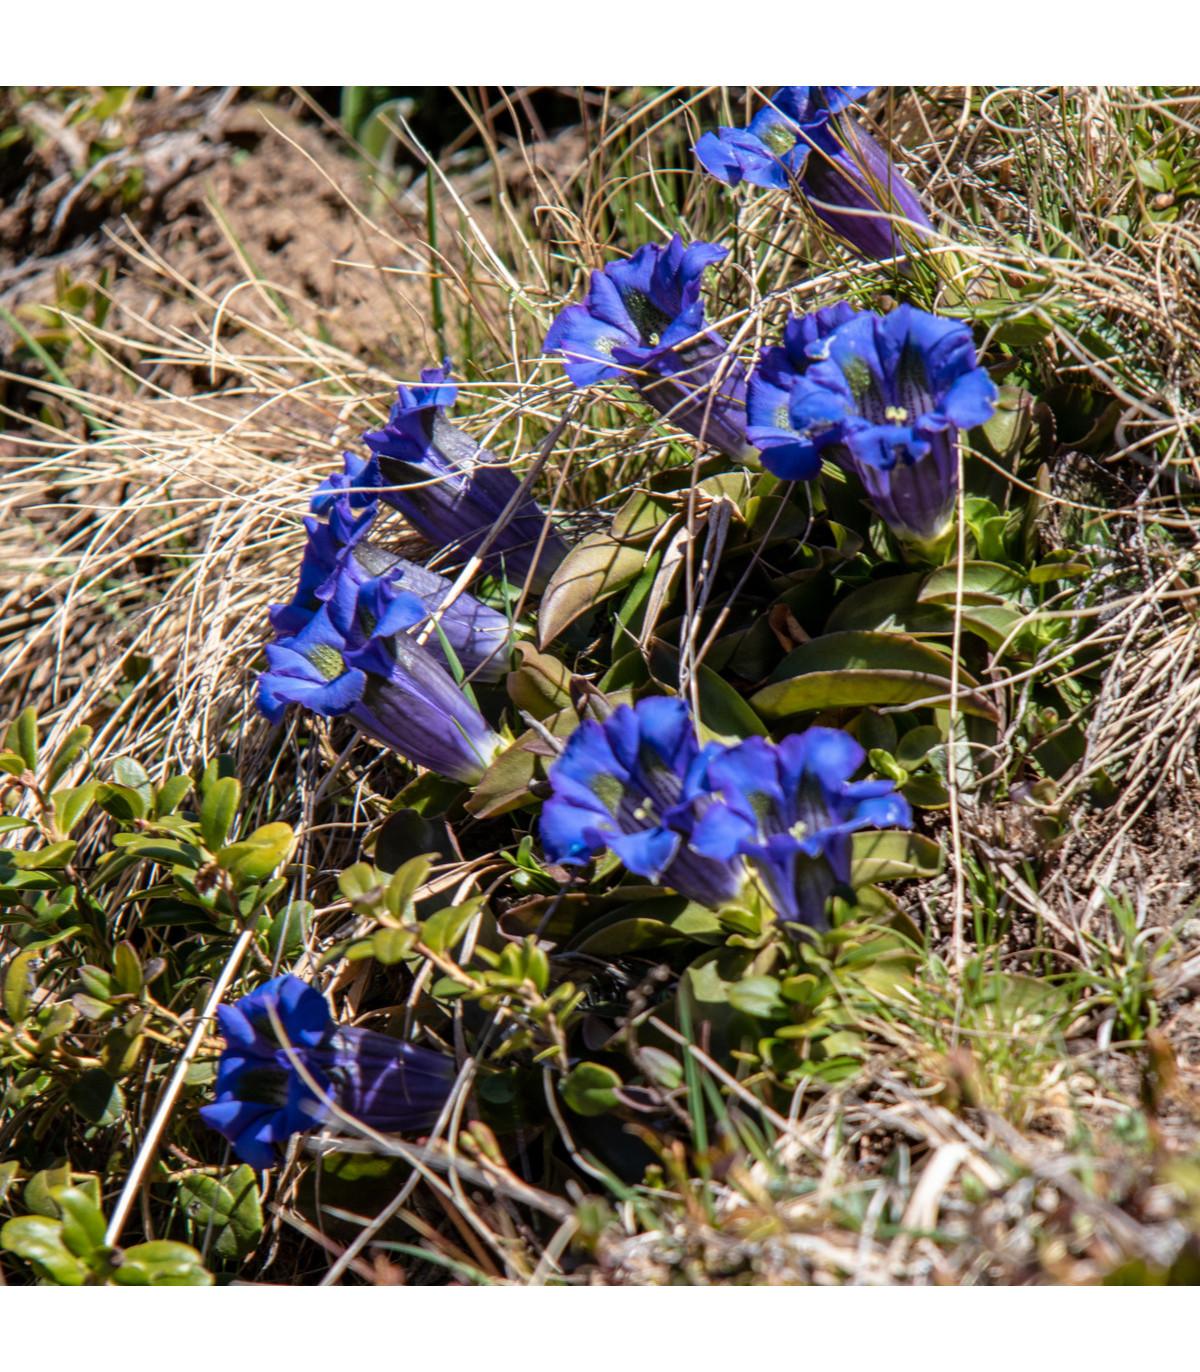 Hořec bezlodyžný - semena Hořce - Gentiana acaulis - 8 ks